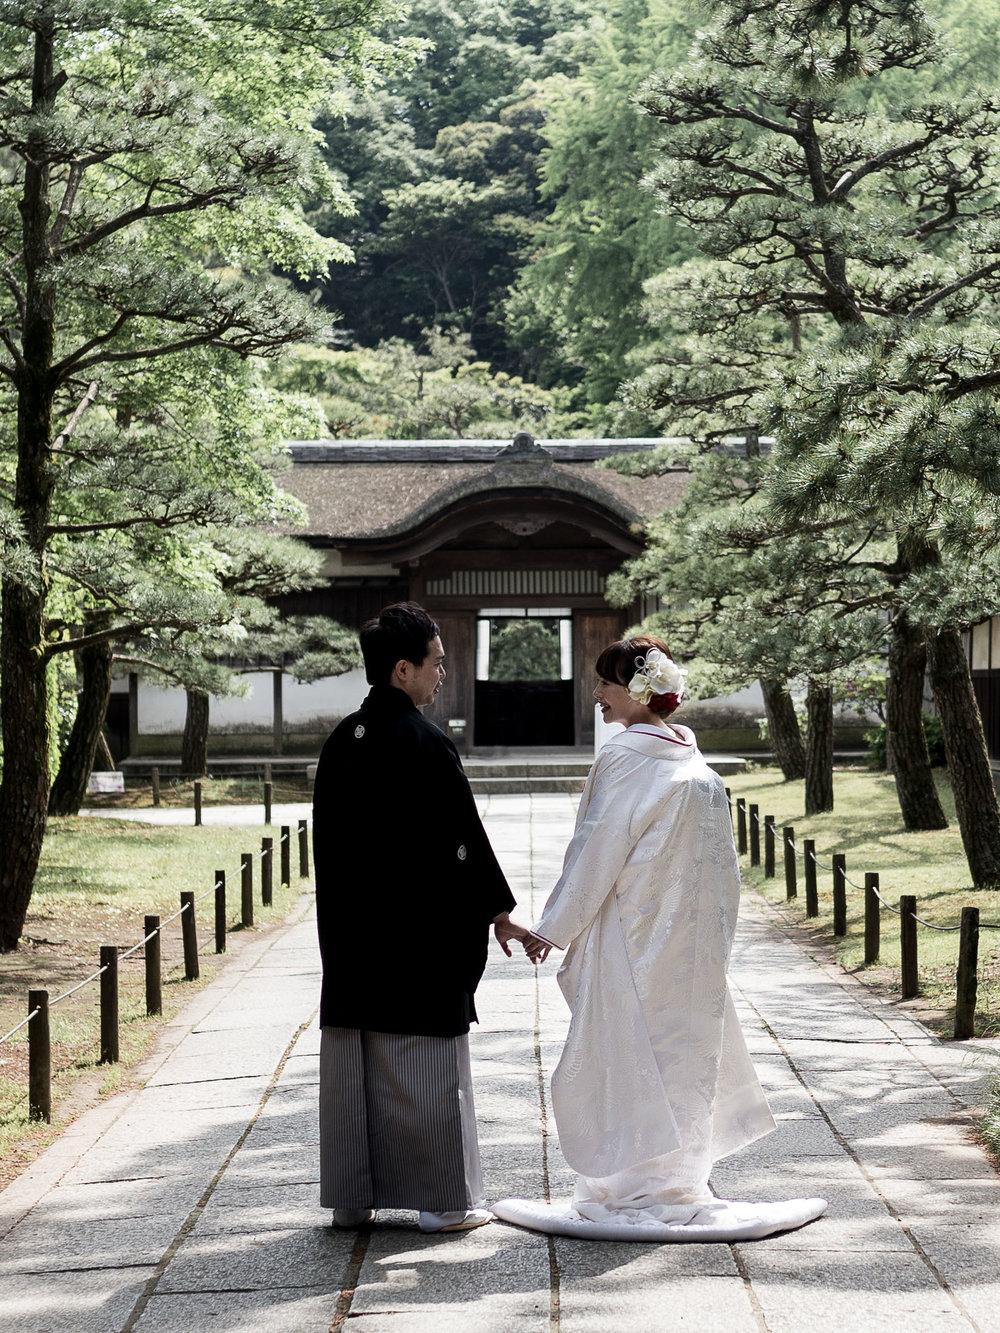 blogpost-japan-4.jpg